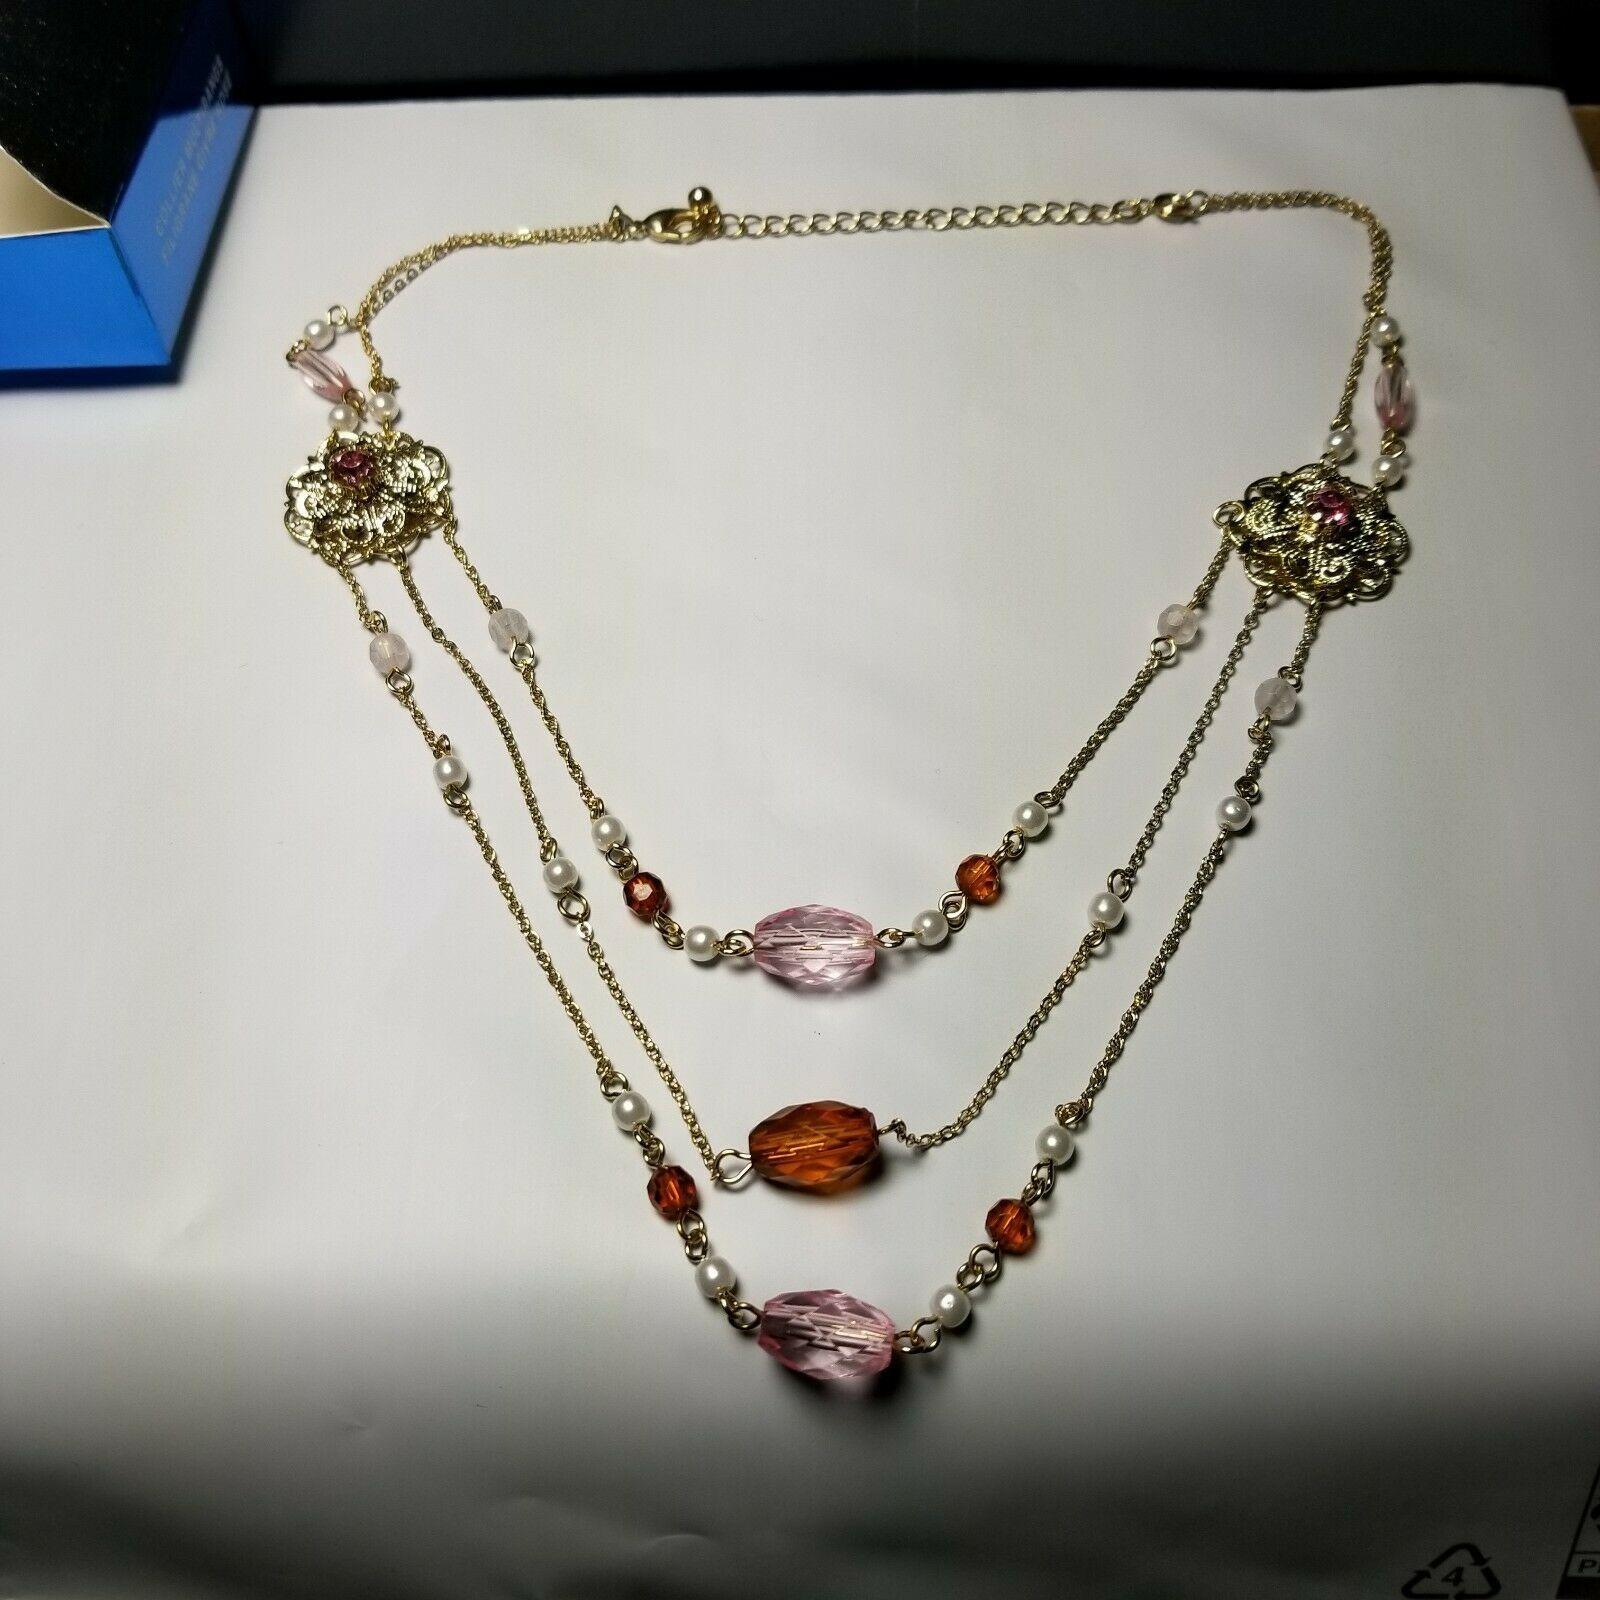 Lux Accessories SilverTone Owl Multi Chain Gemstone Multi Strand Chain Necklace